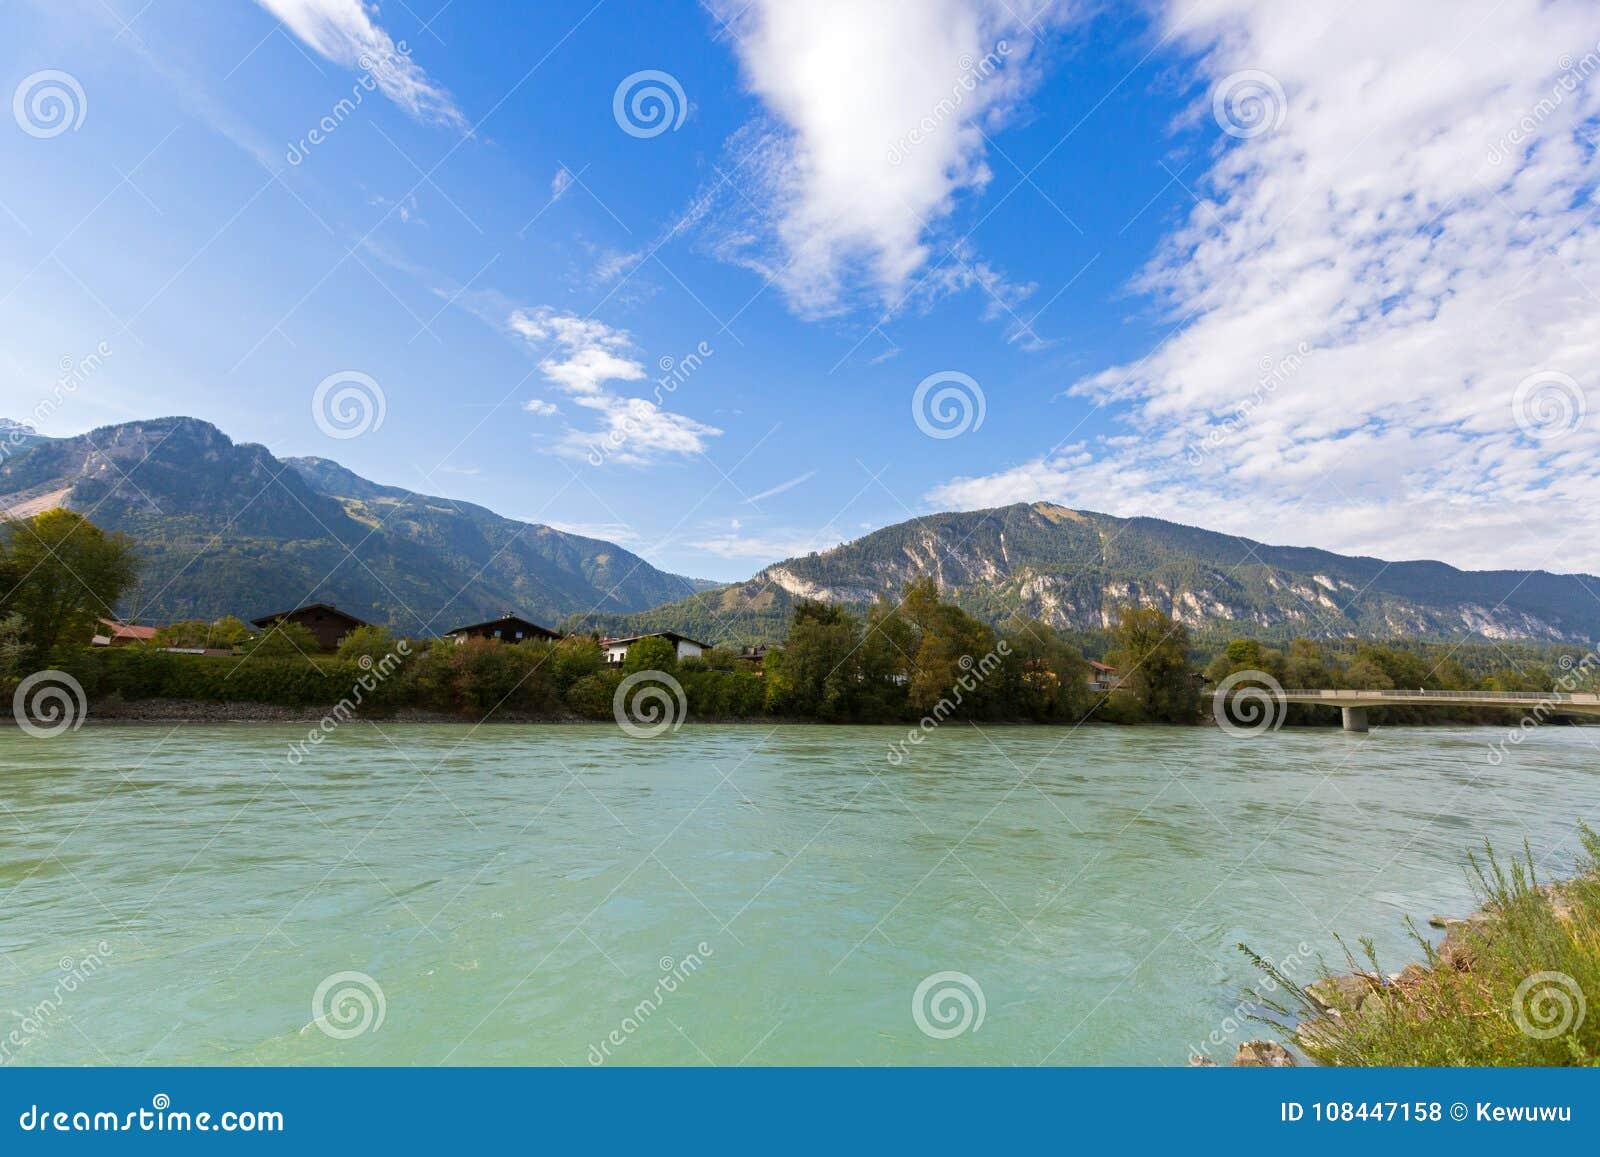 Gasthausfluß mit großem Berg, blauer Himmel im Hintergrund, in Rattenbe